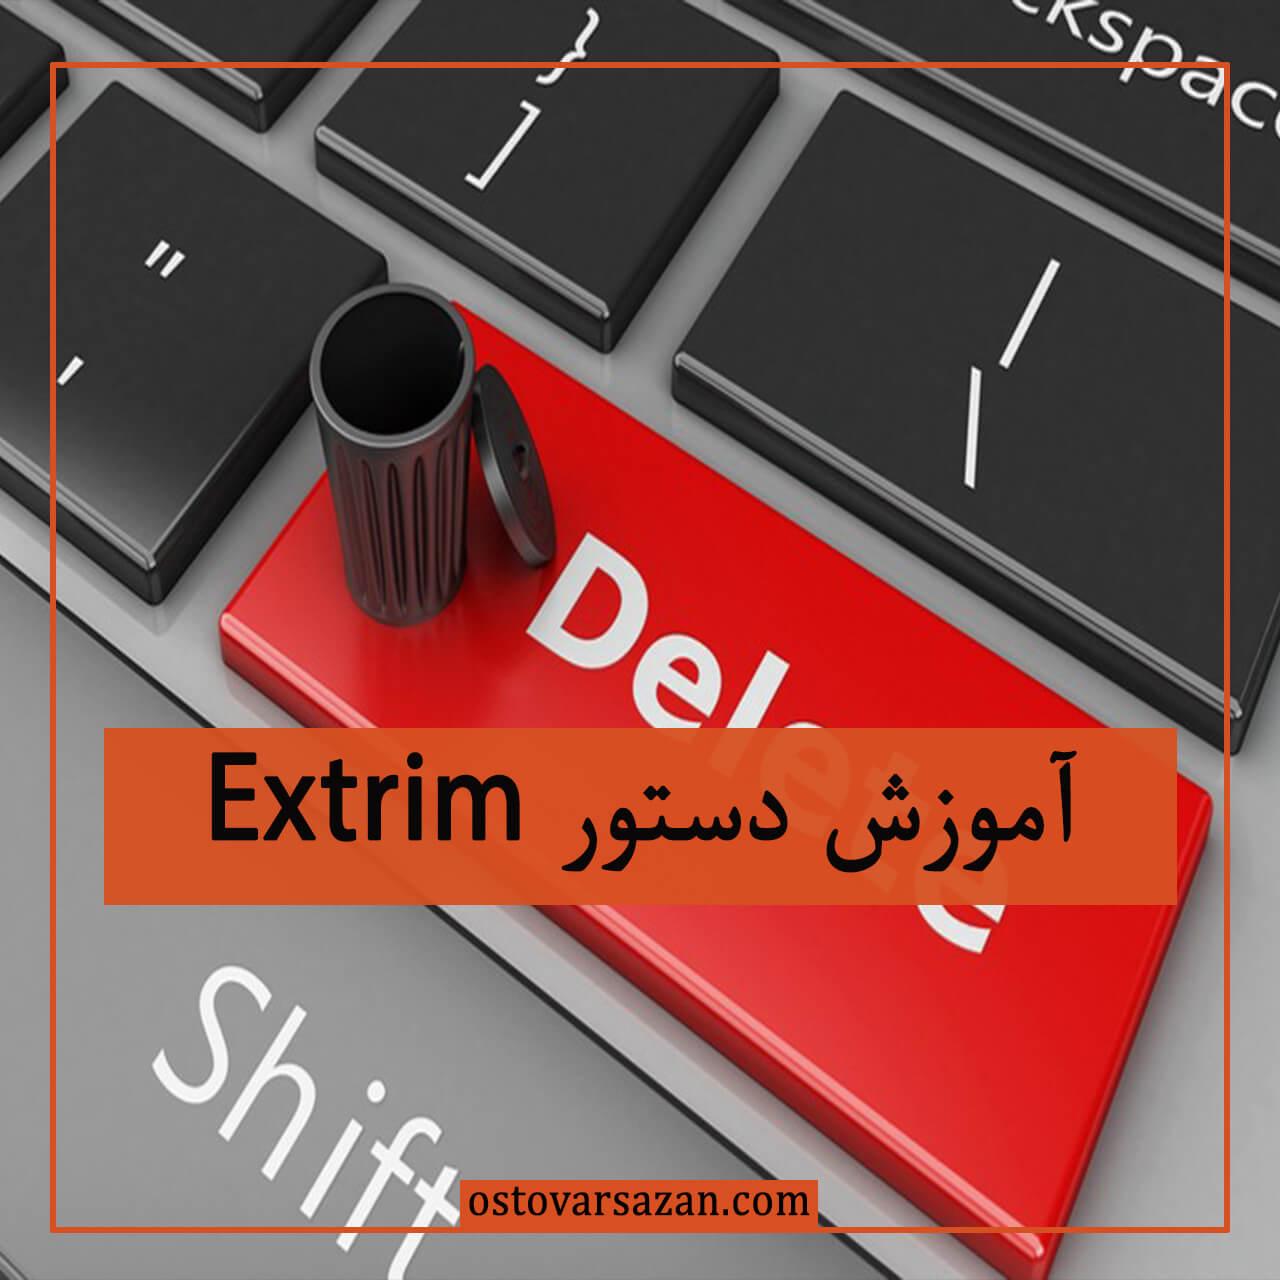 دستور extrim